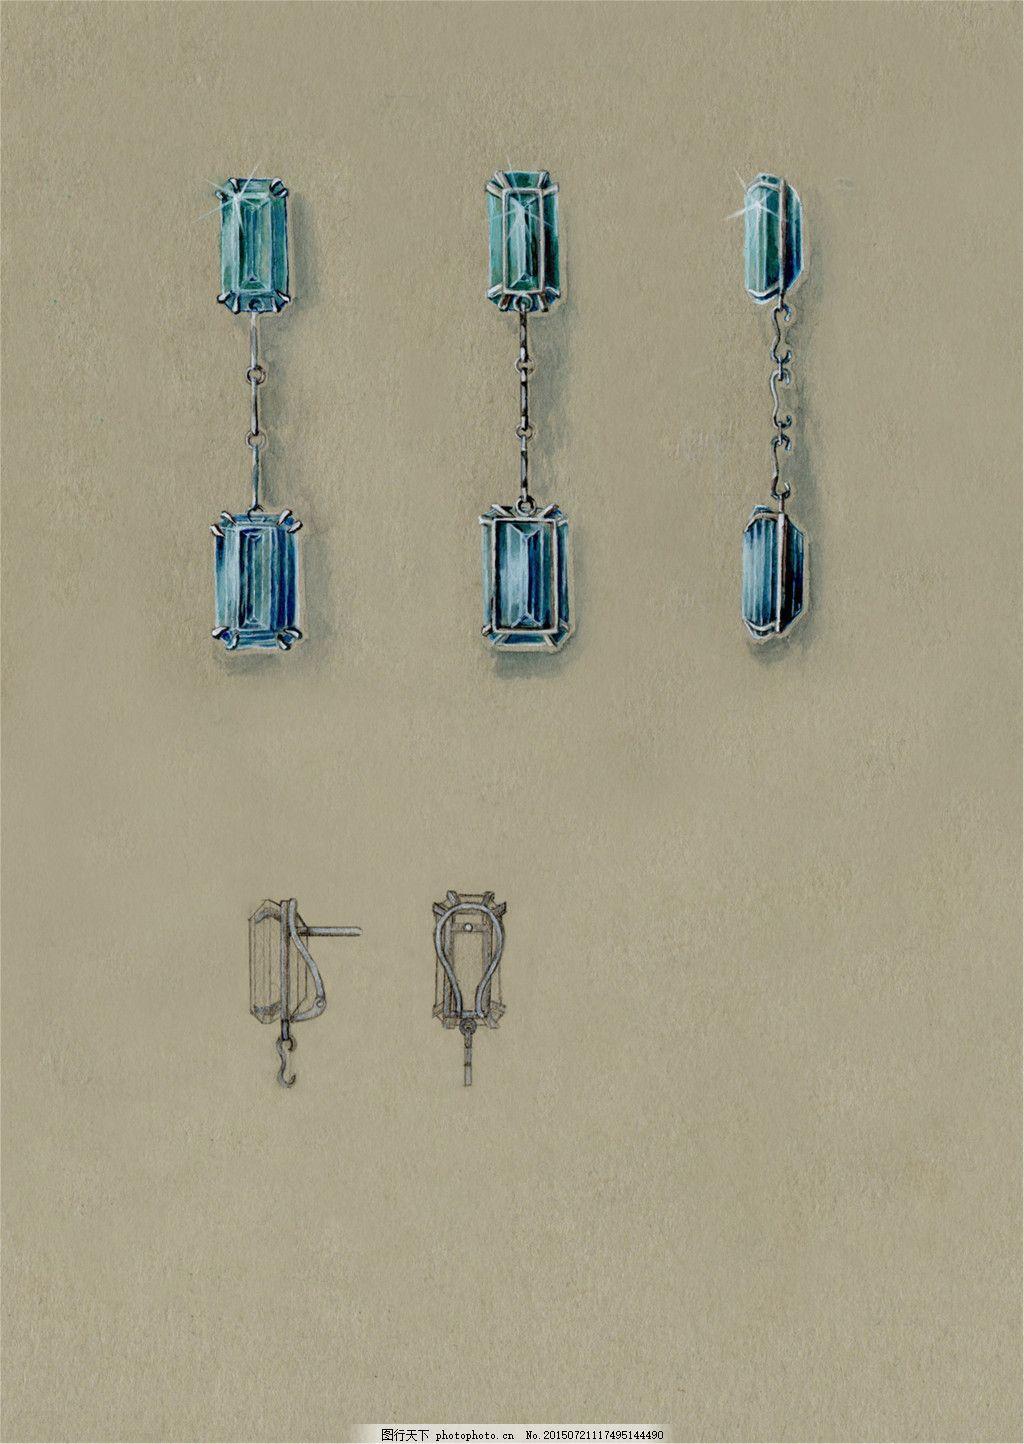 手绘珠宝图片素材 美丽 彩色 创意 时尚 灰色